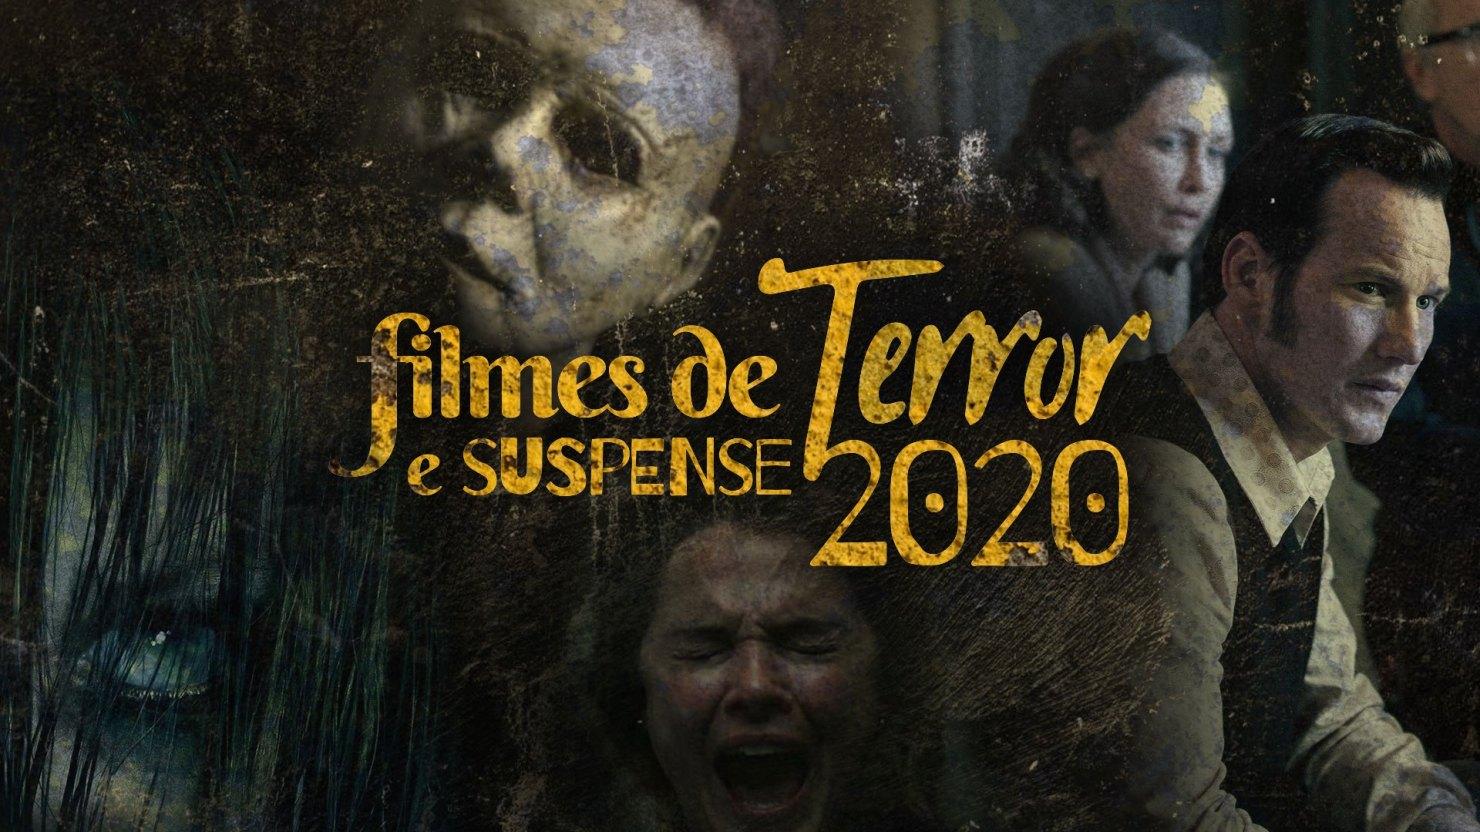 capa-lan-amentos-2020